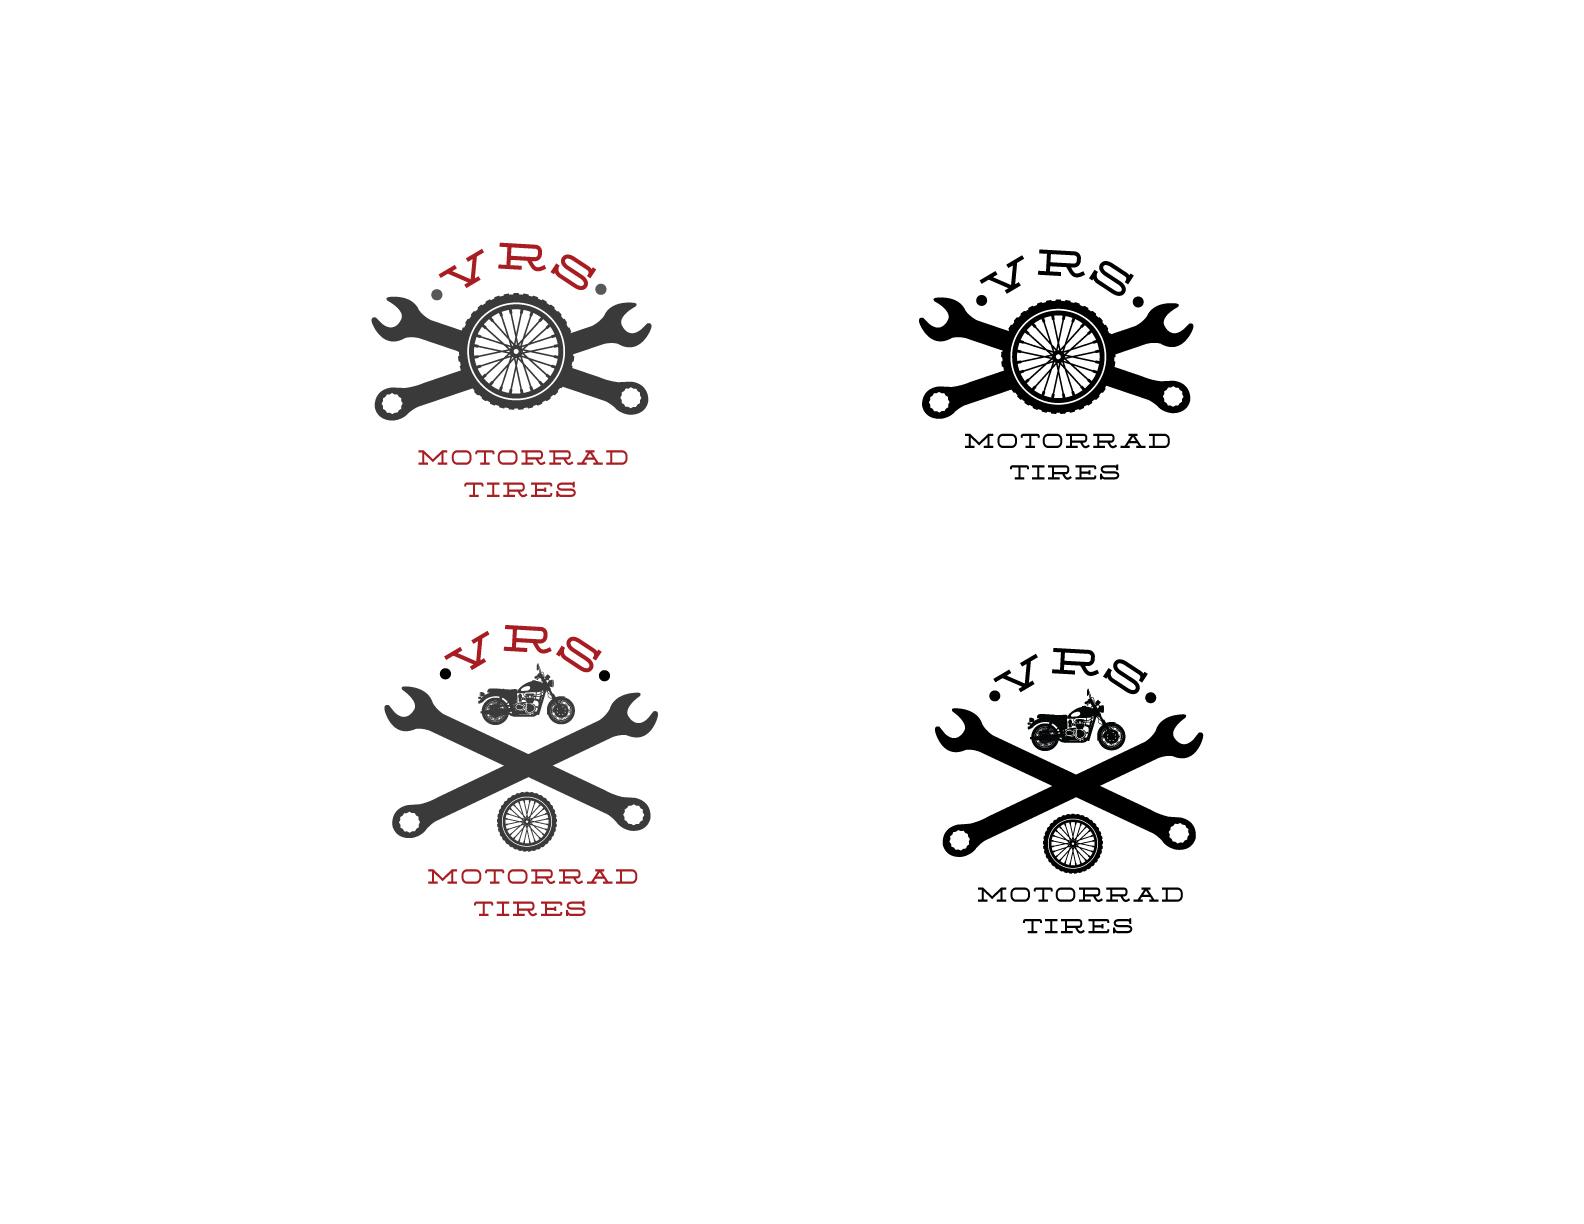 VRS-chosen-logos